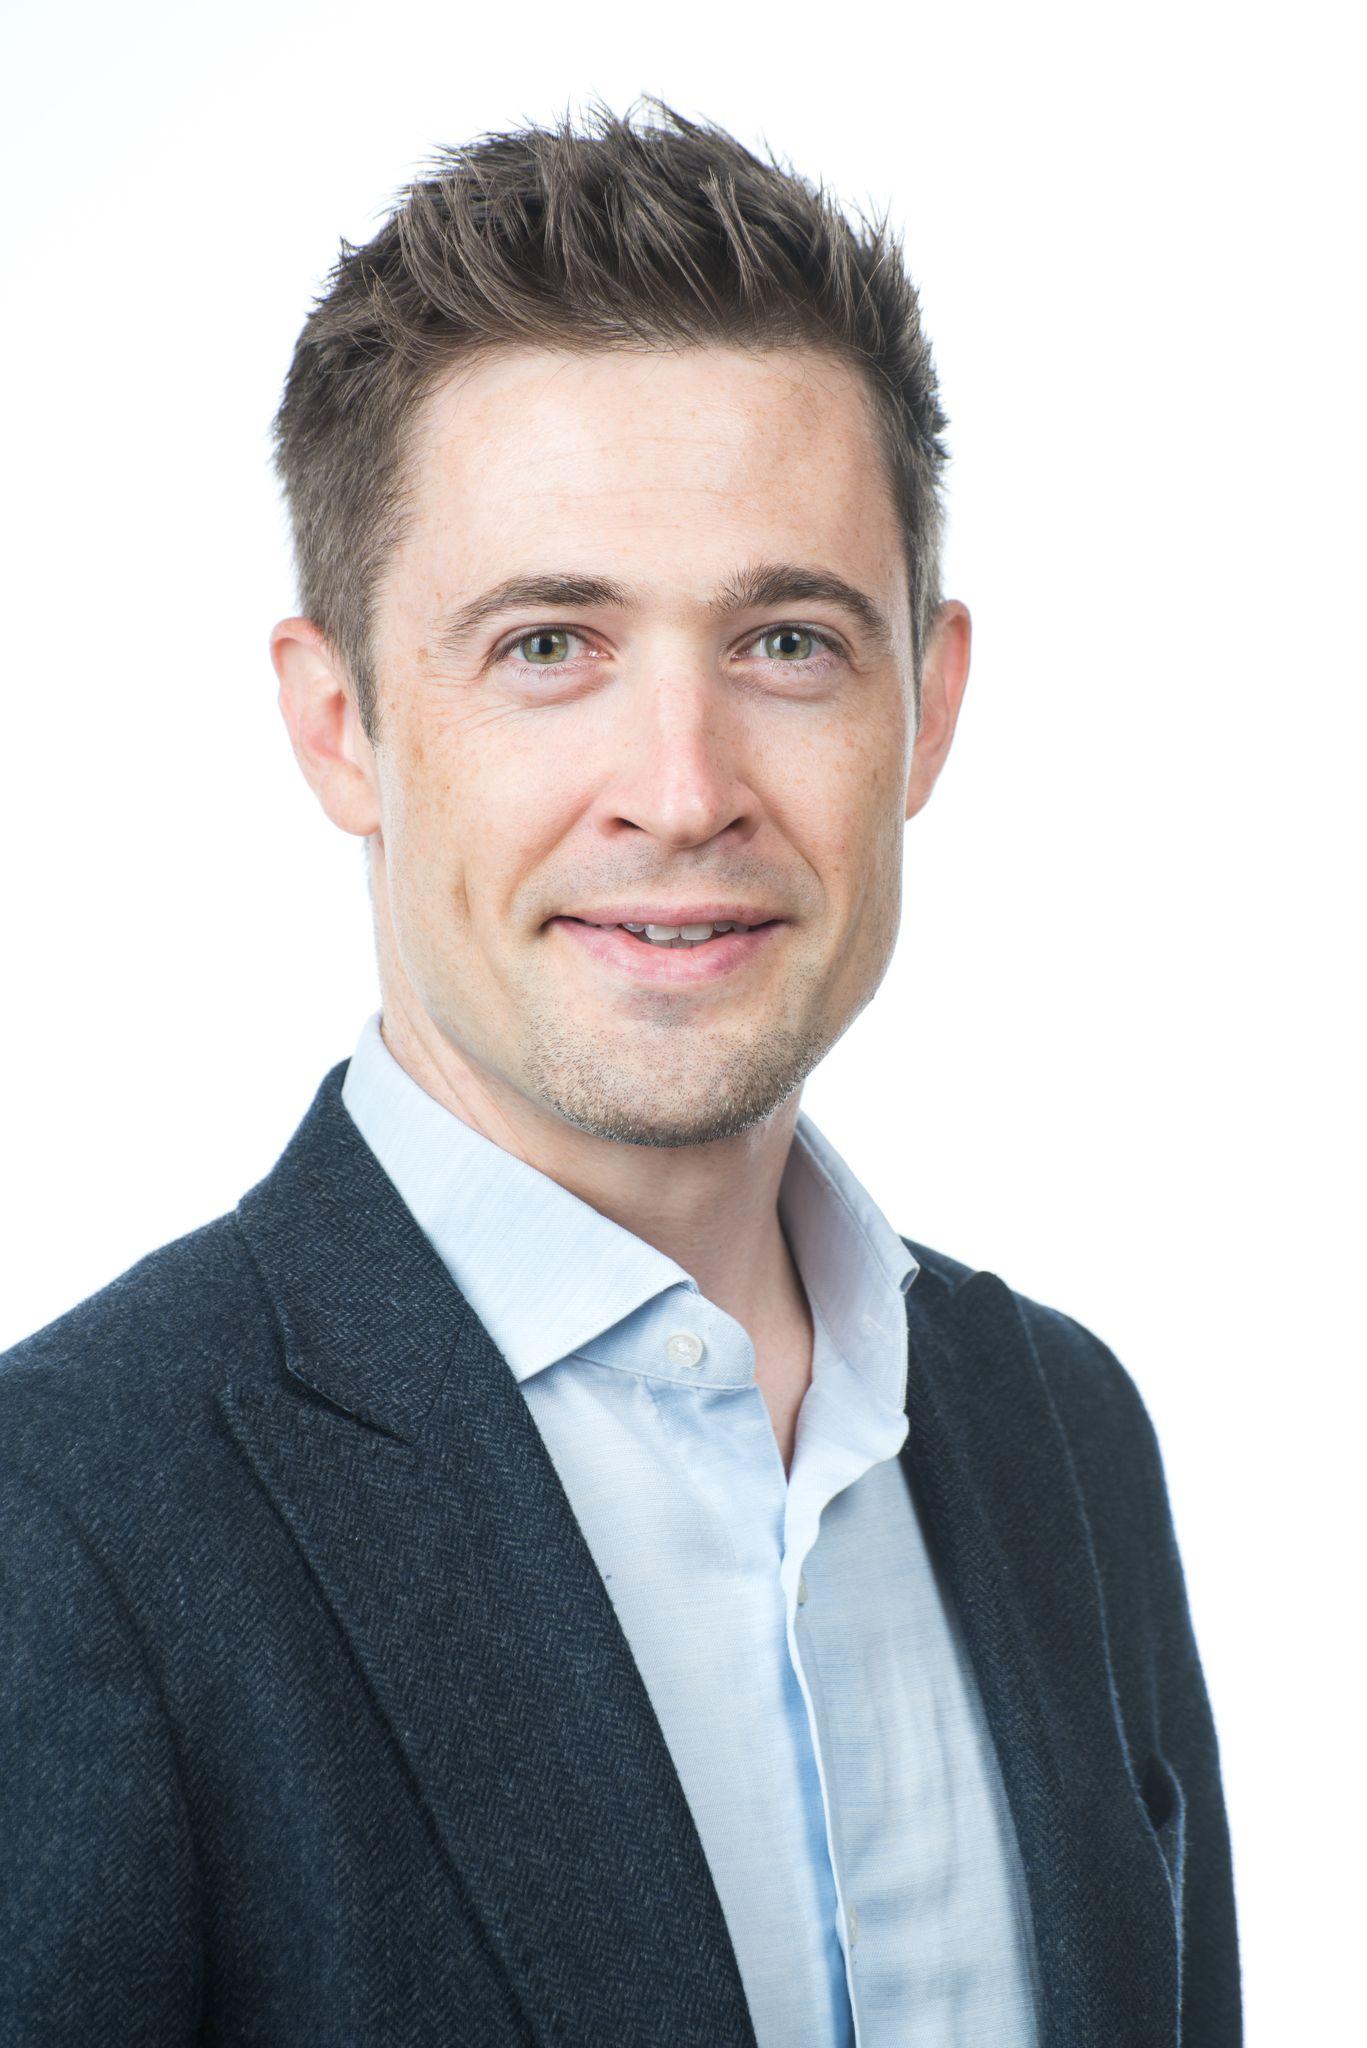 Guillaume Voisin